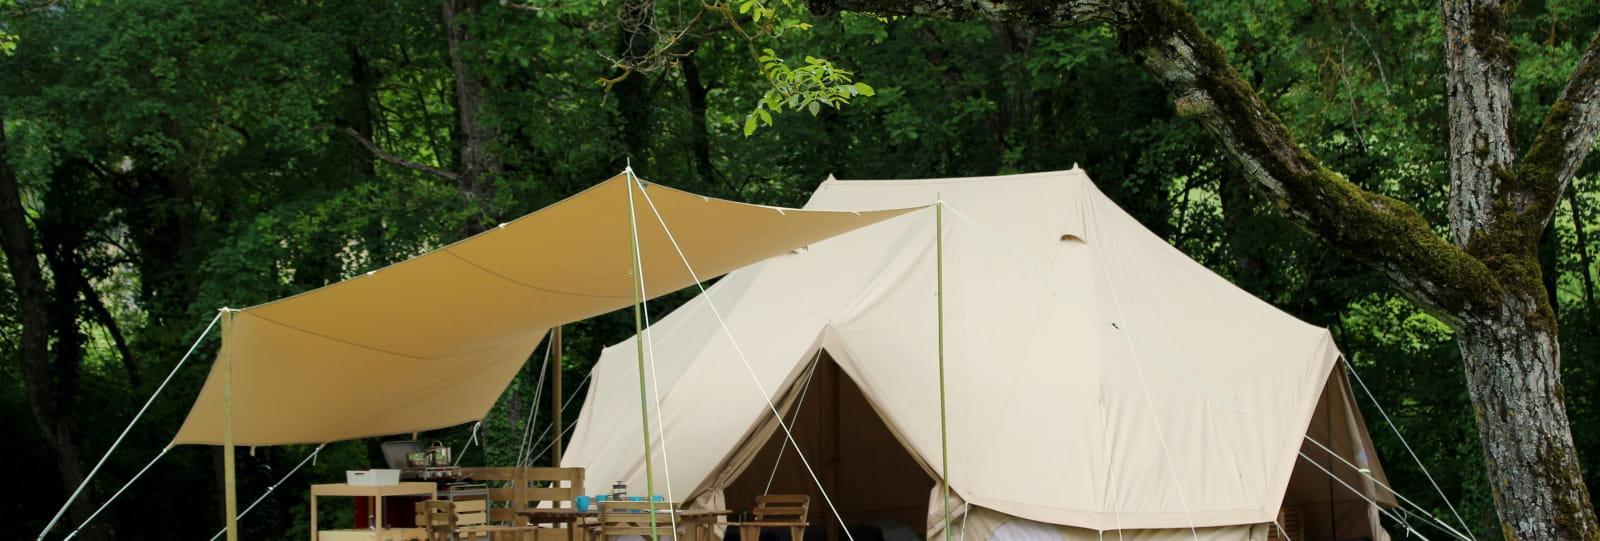 Tentes Safari Lodges équipées au Camping Les Ecureuils